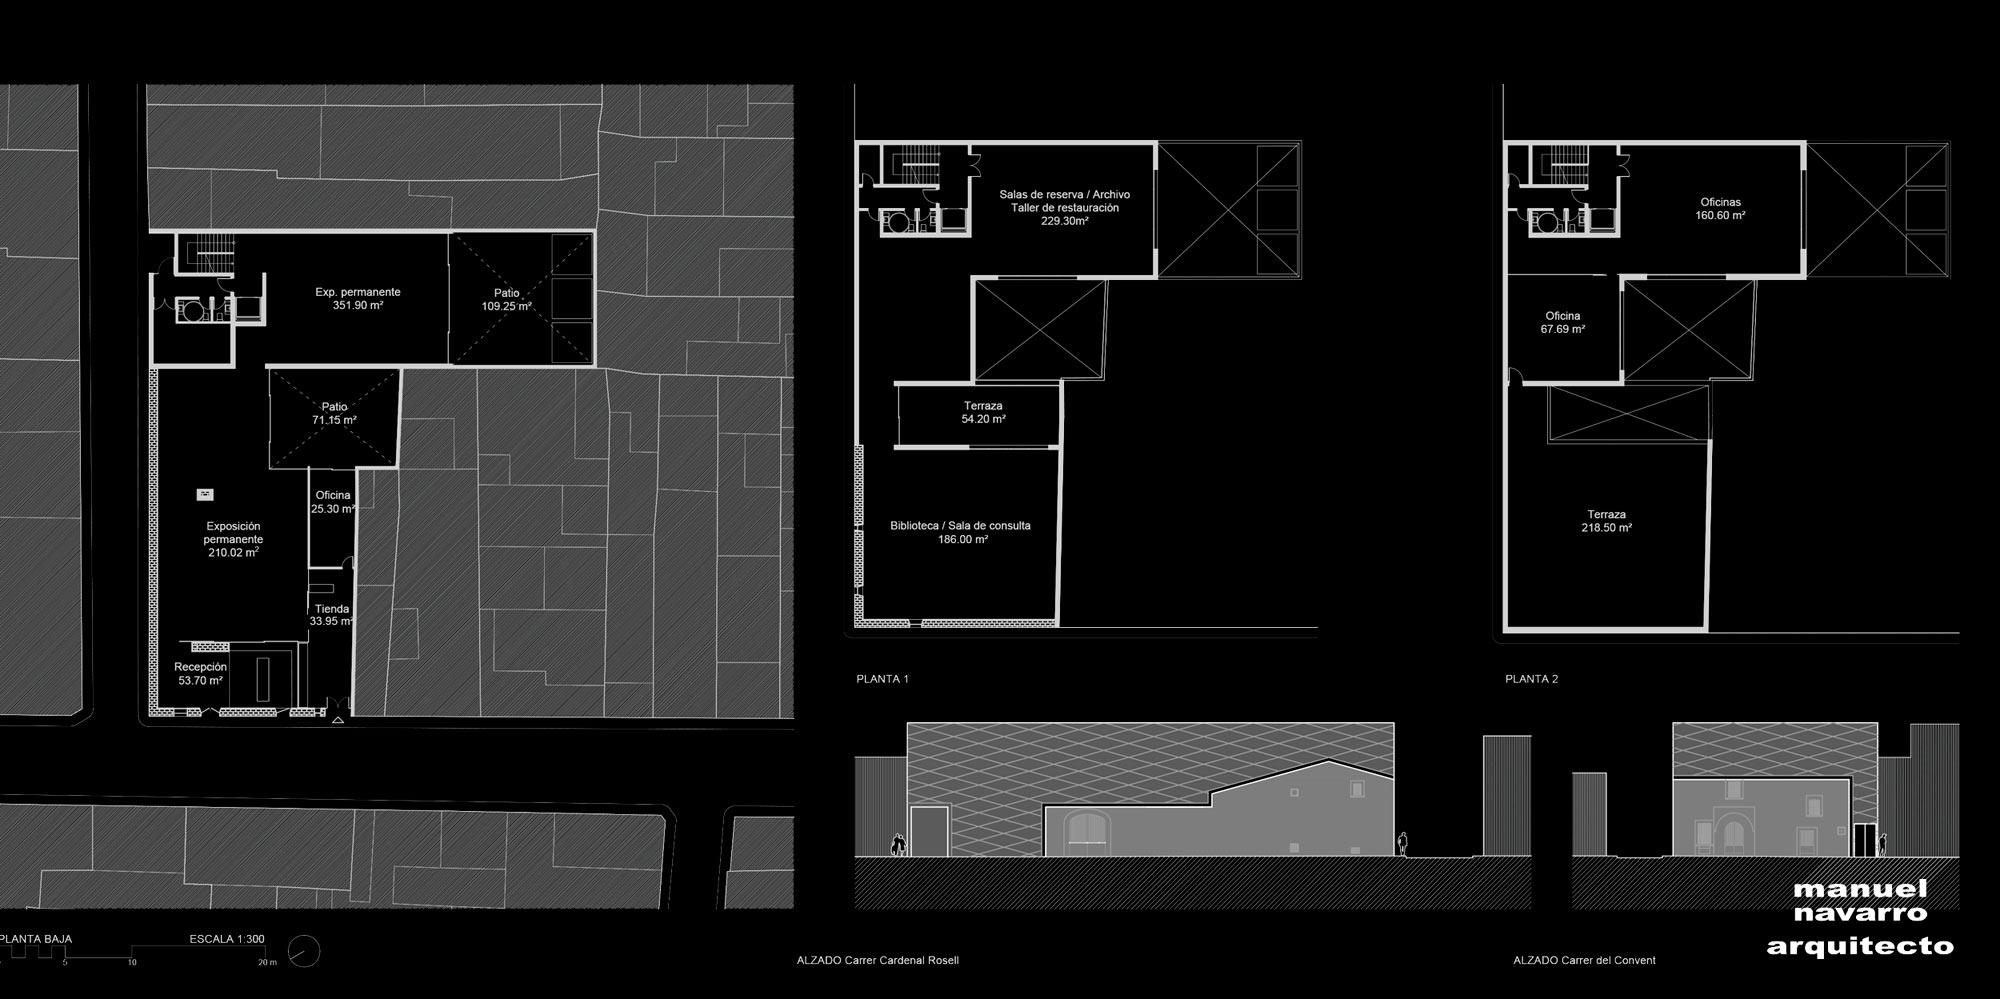 concurso arquitectura malaga